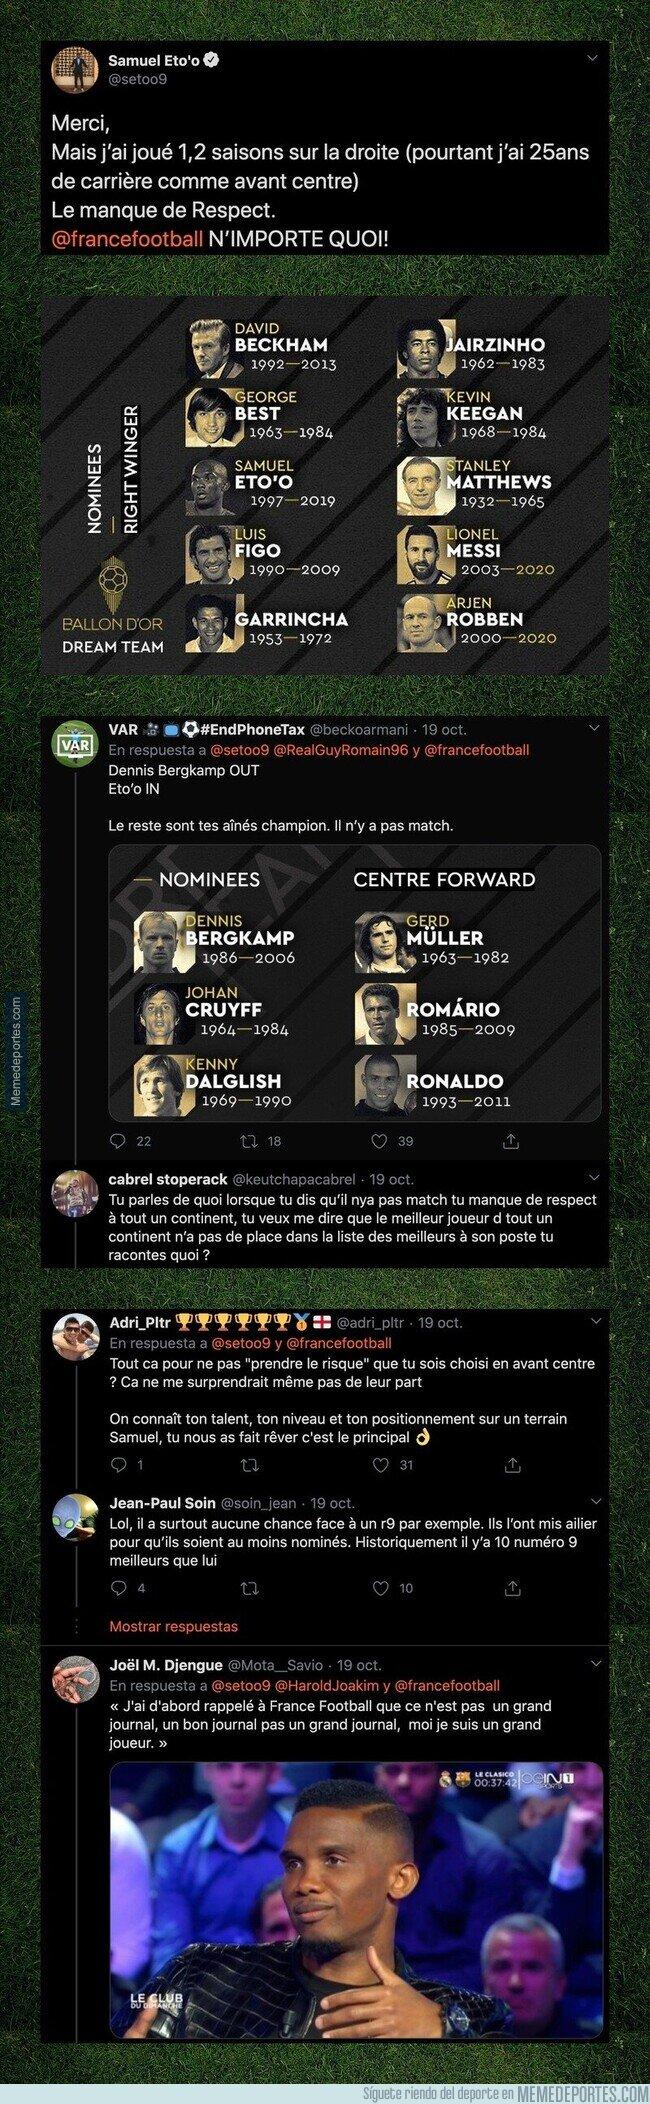 1118445 - Samuel Eto'o ha cargado duramente contra 'France Football' con este mensaje por la nominación que le han hecho en el Balón de Oro del Dream Team